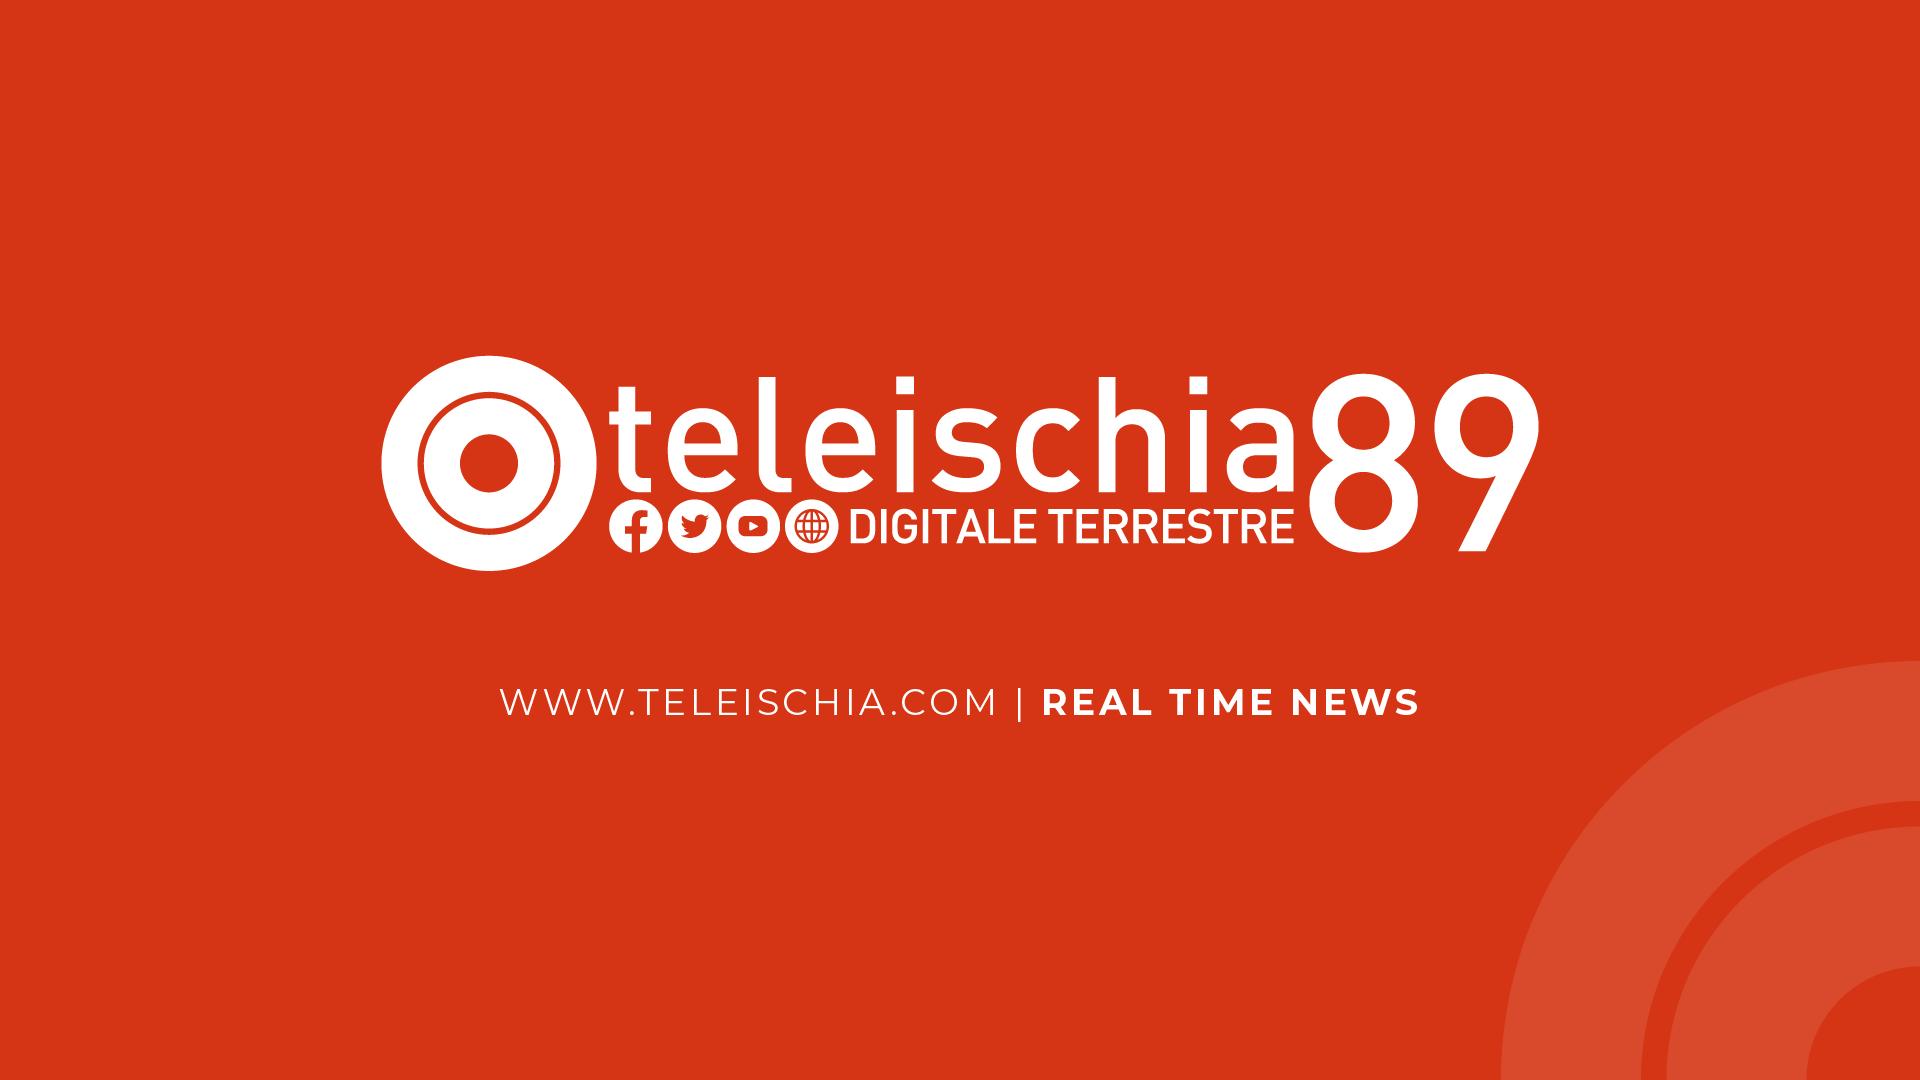 普罗菲洛 TeleIschia89 卡纳勒电视